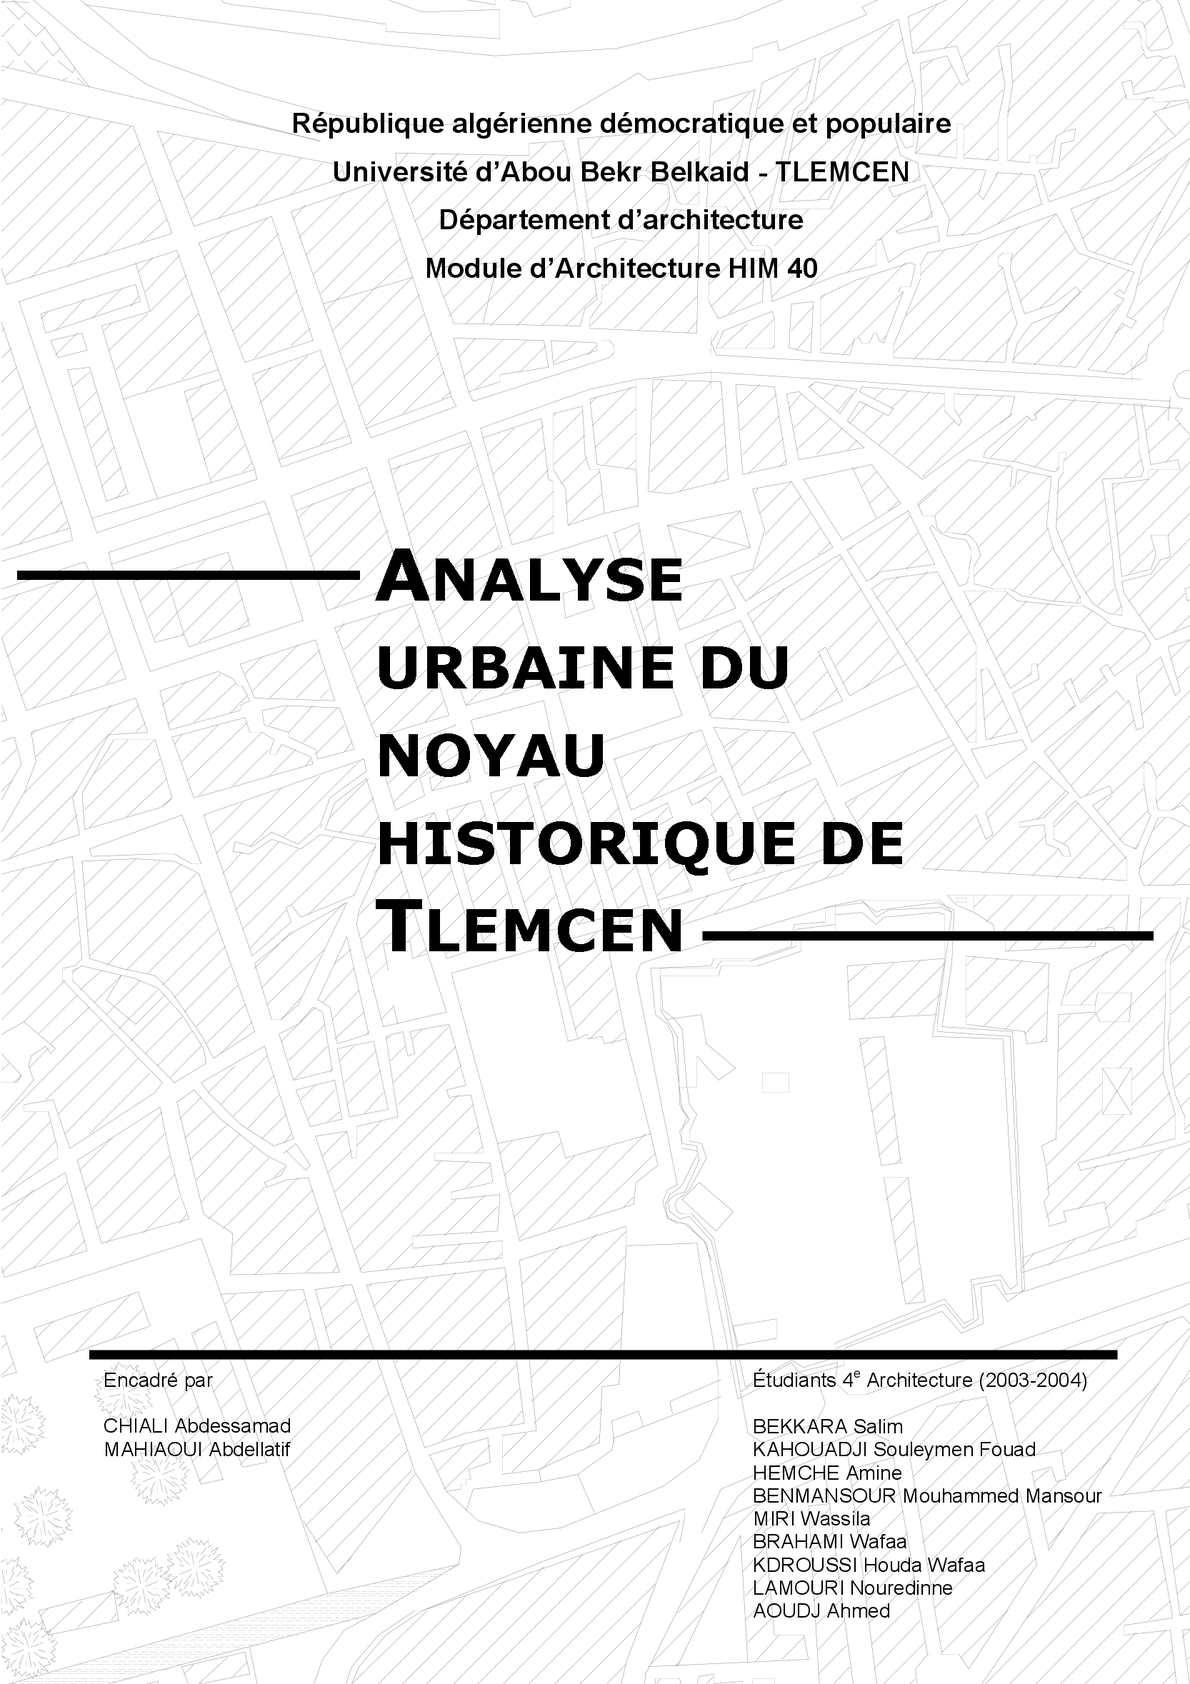 analyse urbaine du noyau historique de Tlemcen.pdf